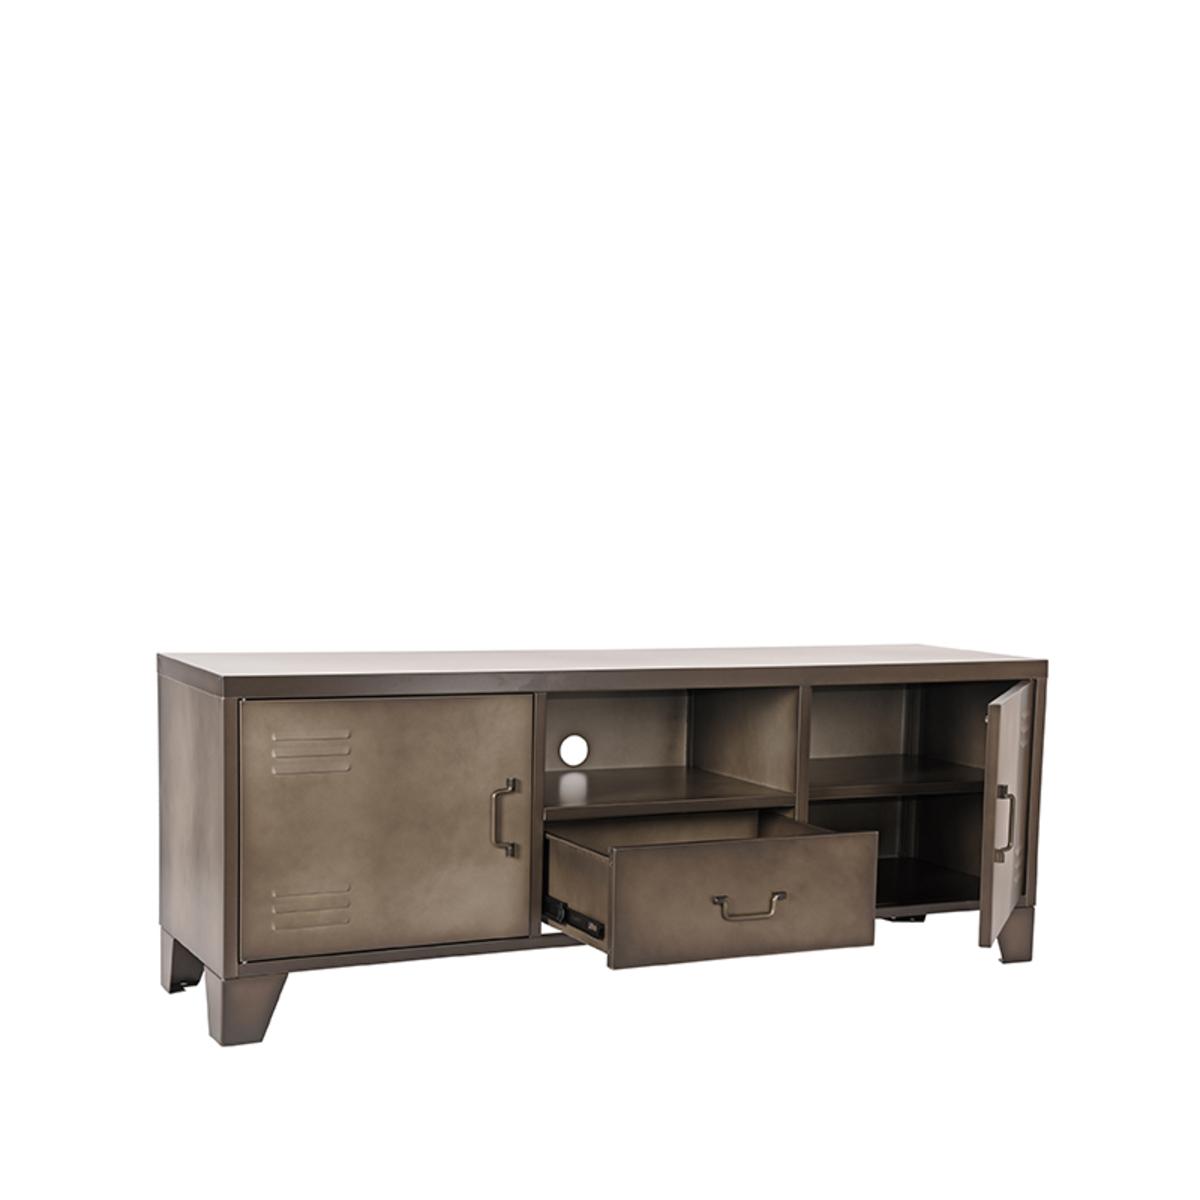 Tv-meubel Fence - Grijs - Metaal